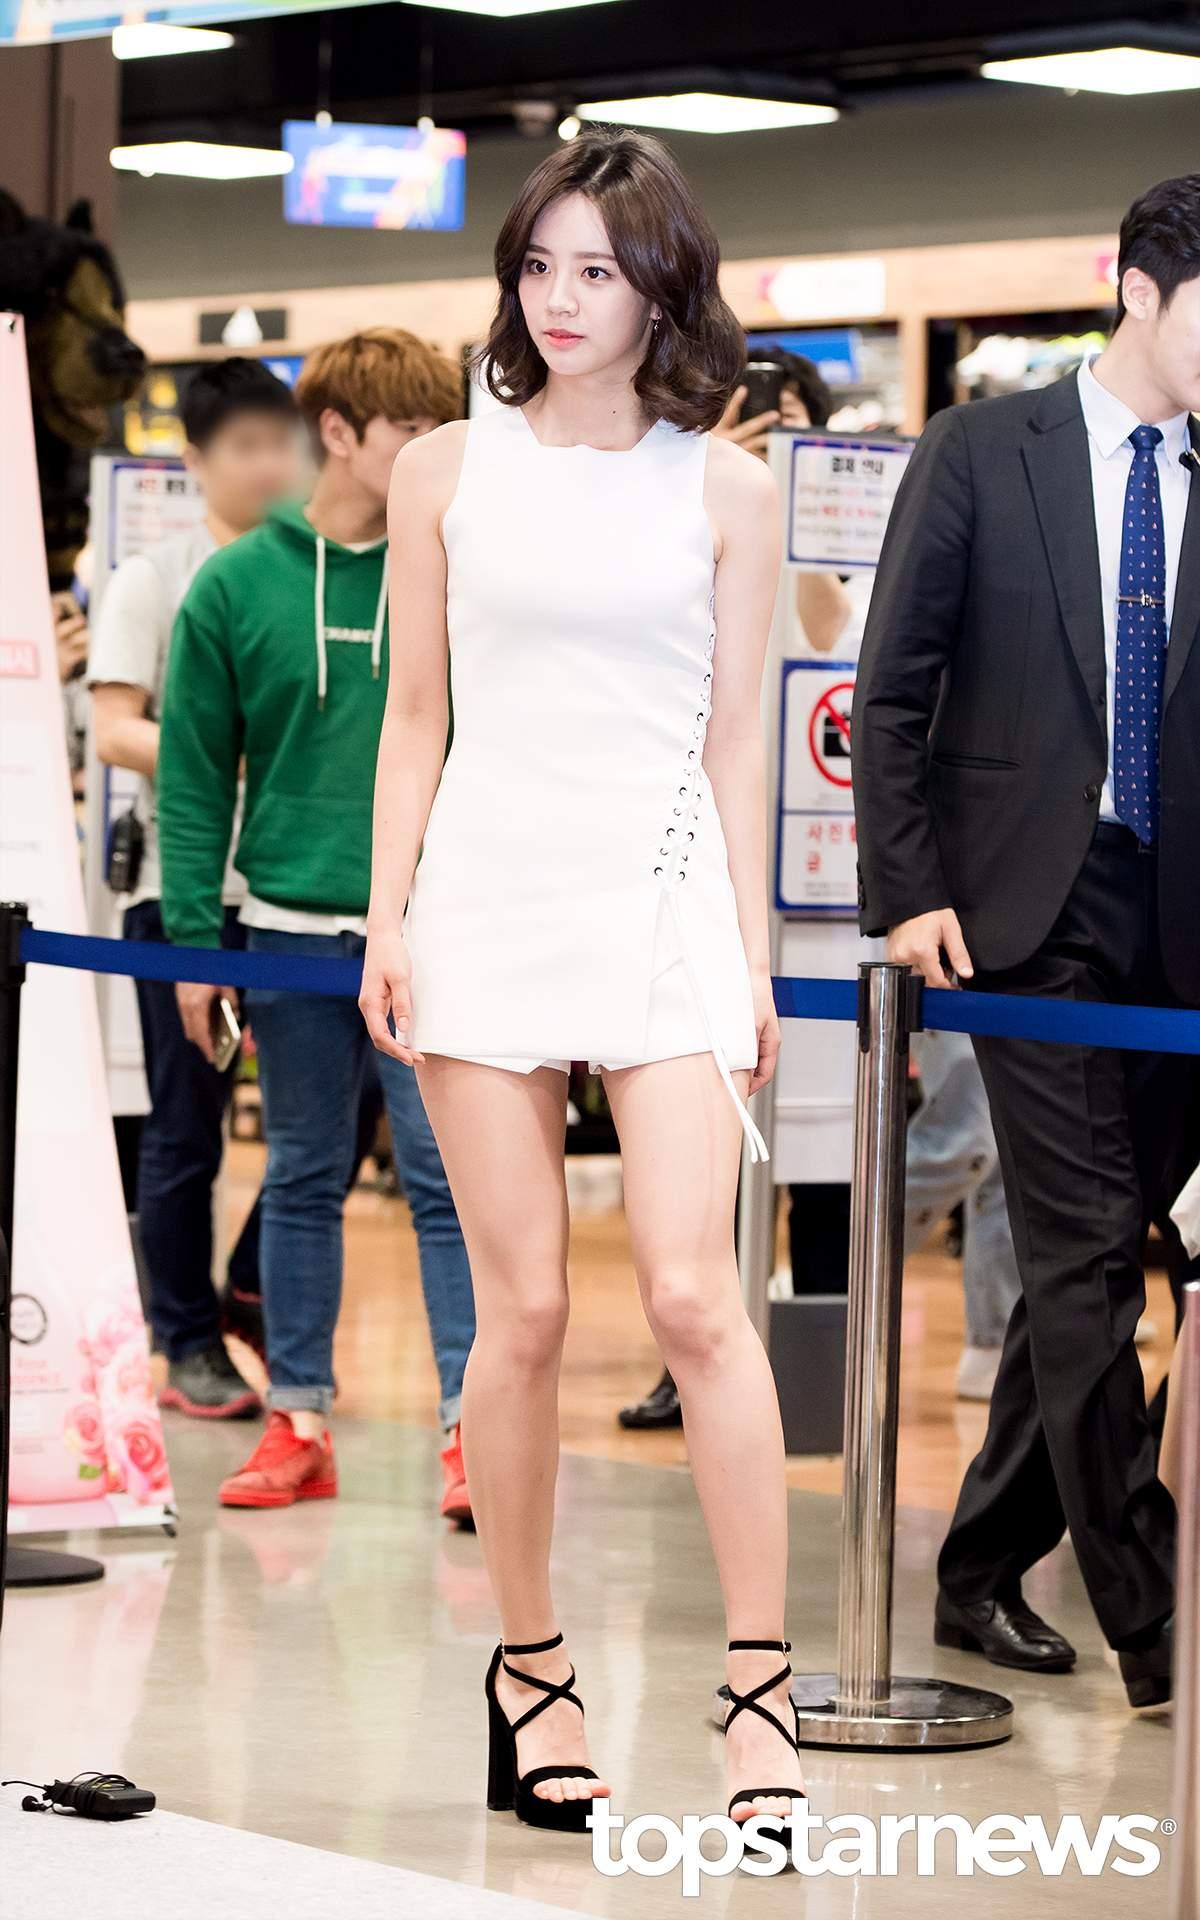 這件差點引起大亂的超短洋裝,其實仔細看,下面是短褲啦~~